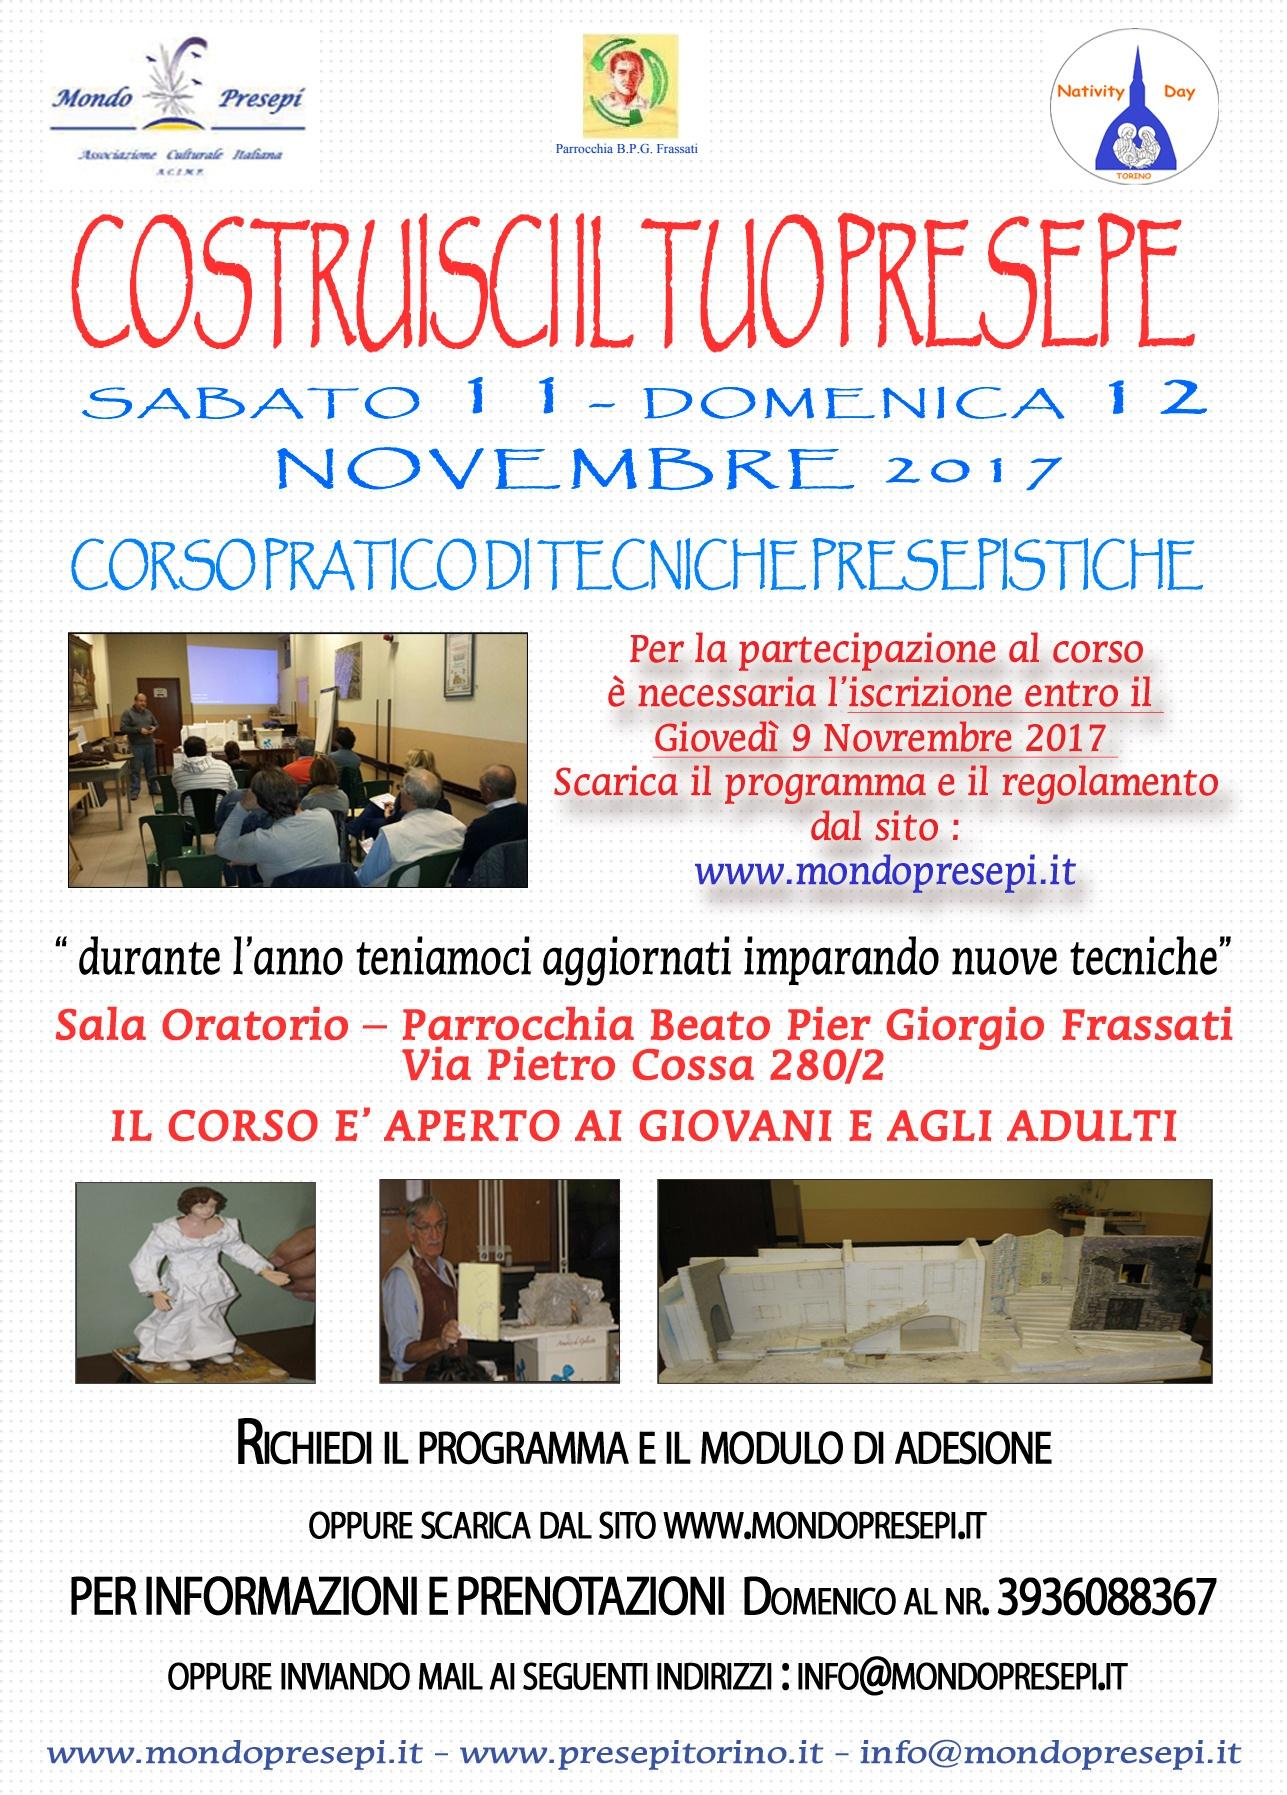 CORSO PRATICO DI TECNICA PRESEPISTICA  TORINO – NOVEMBRE 2017